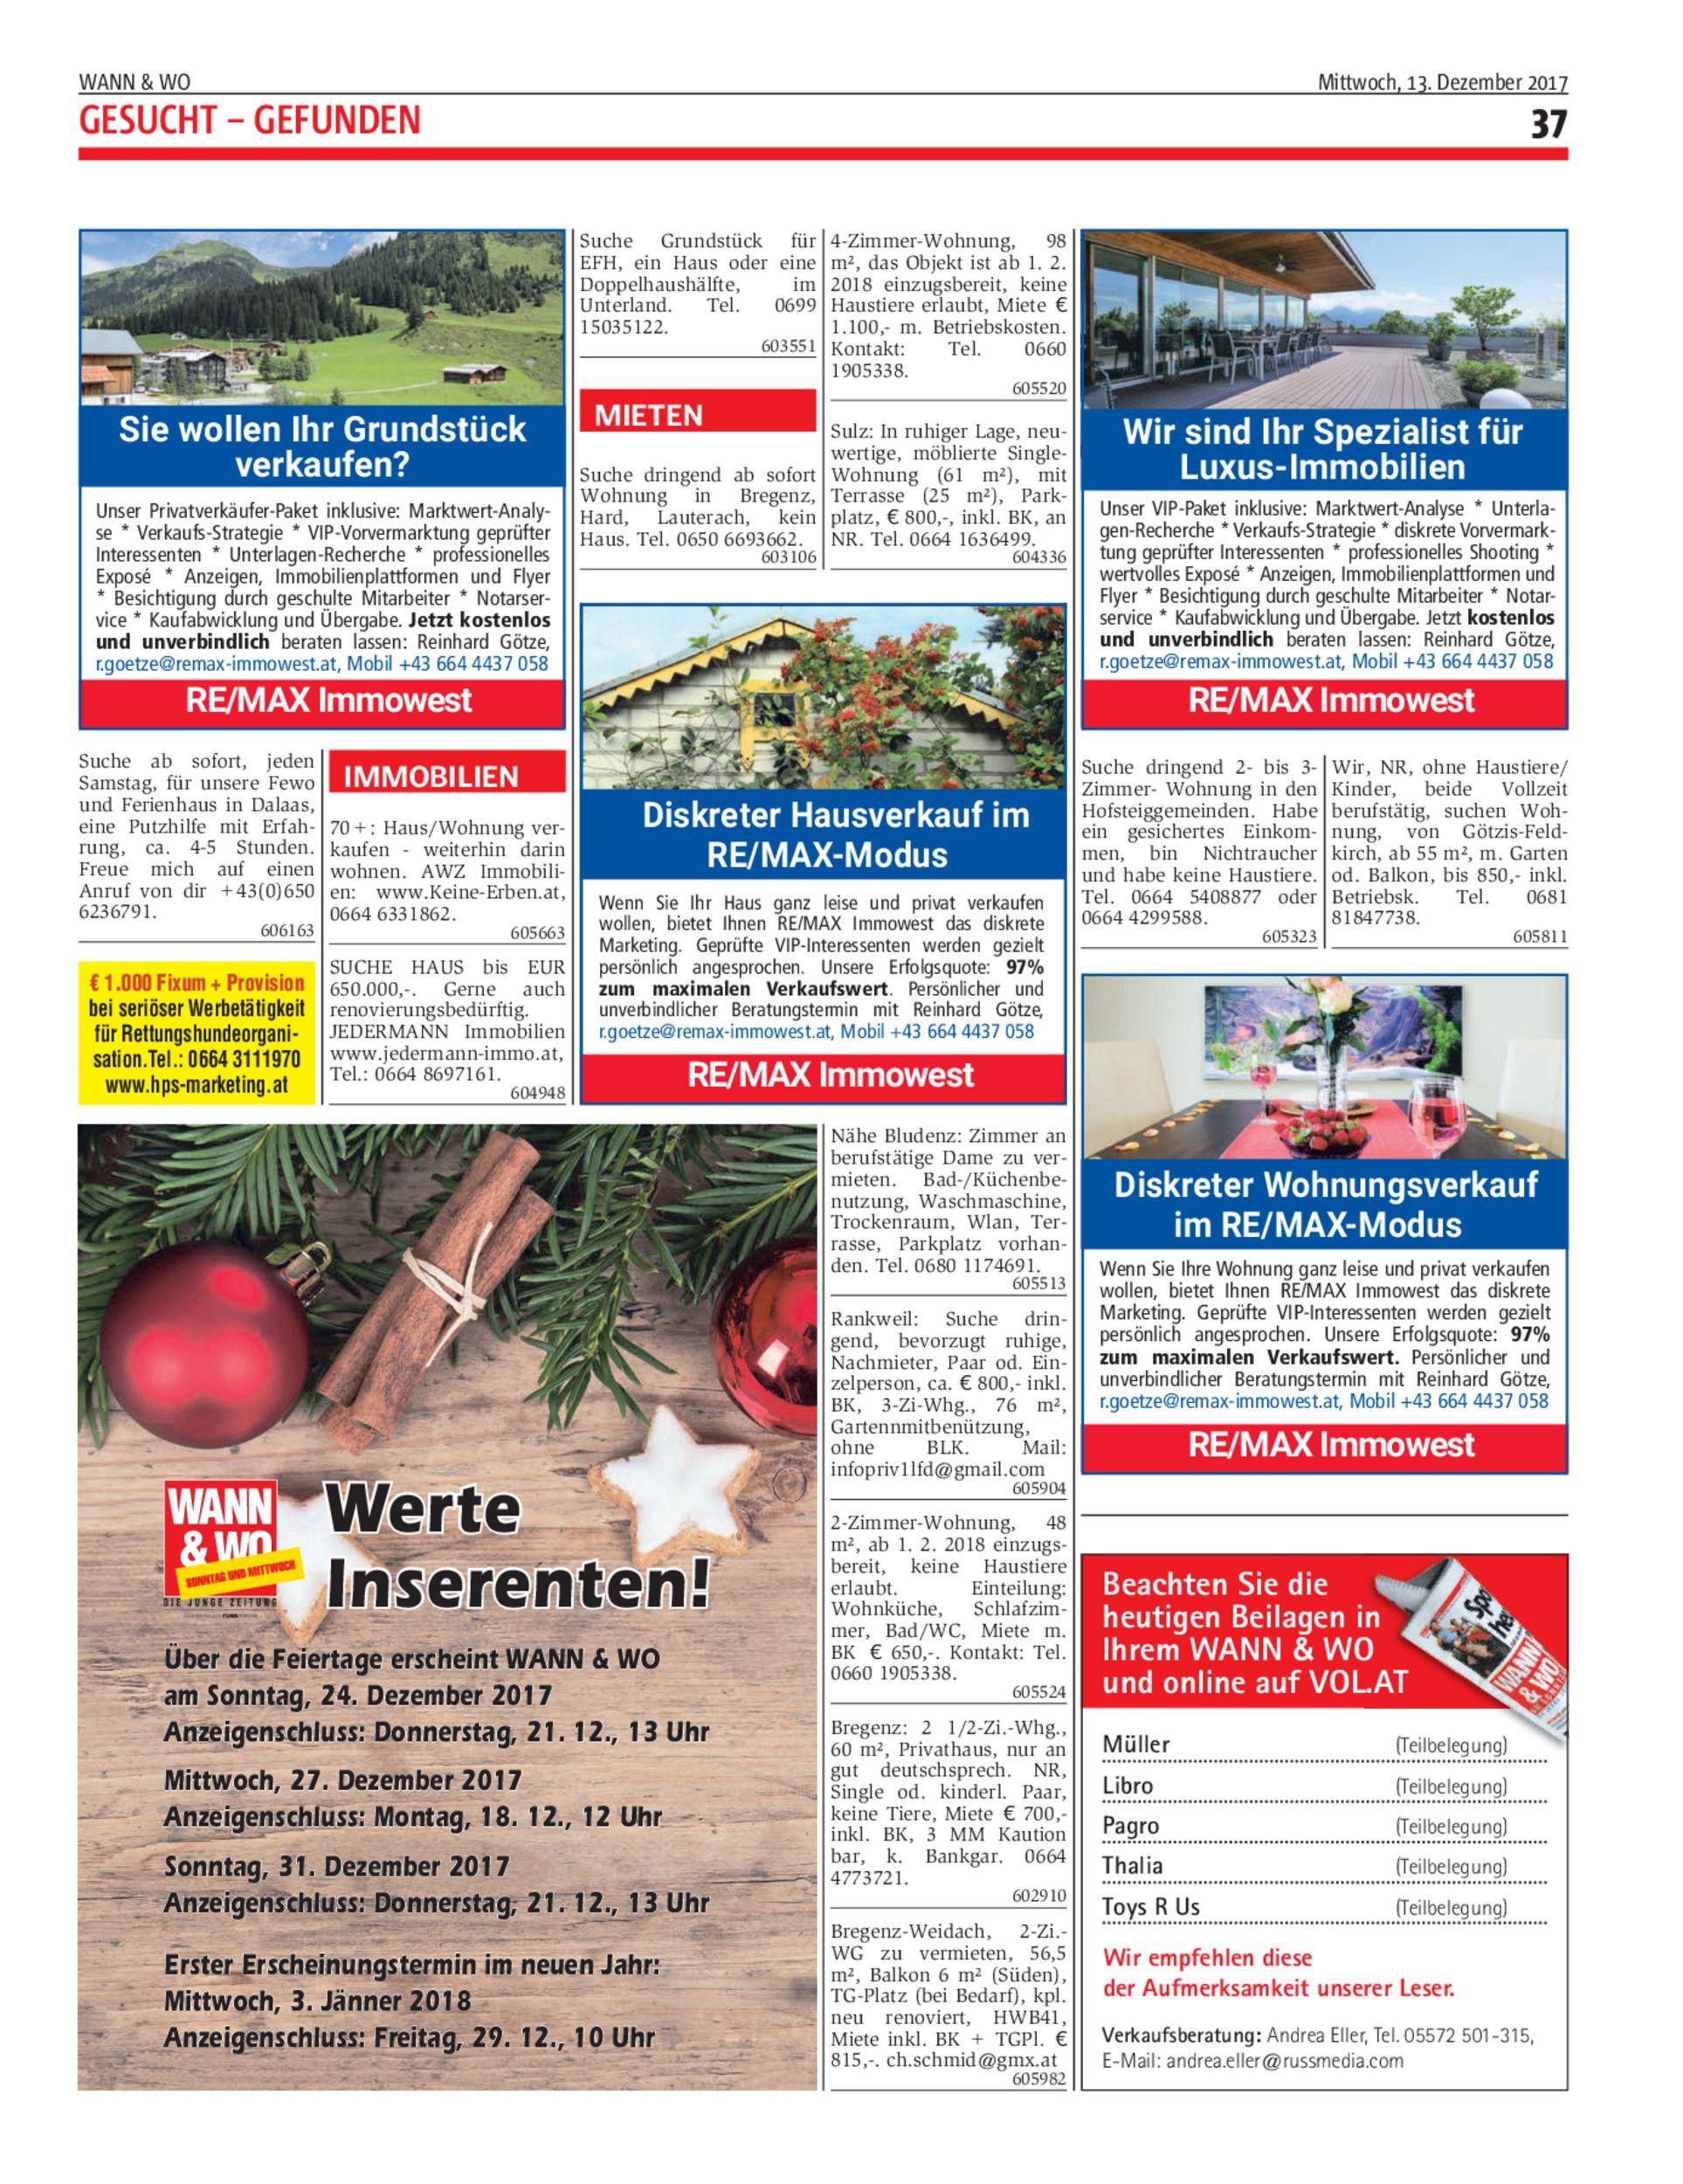 Ausgezeichnet Zur Miete Flyer Vorlage Fotos - Entry Level Resume ...